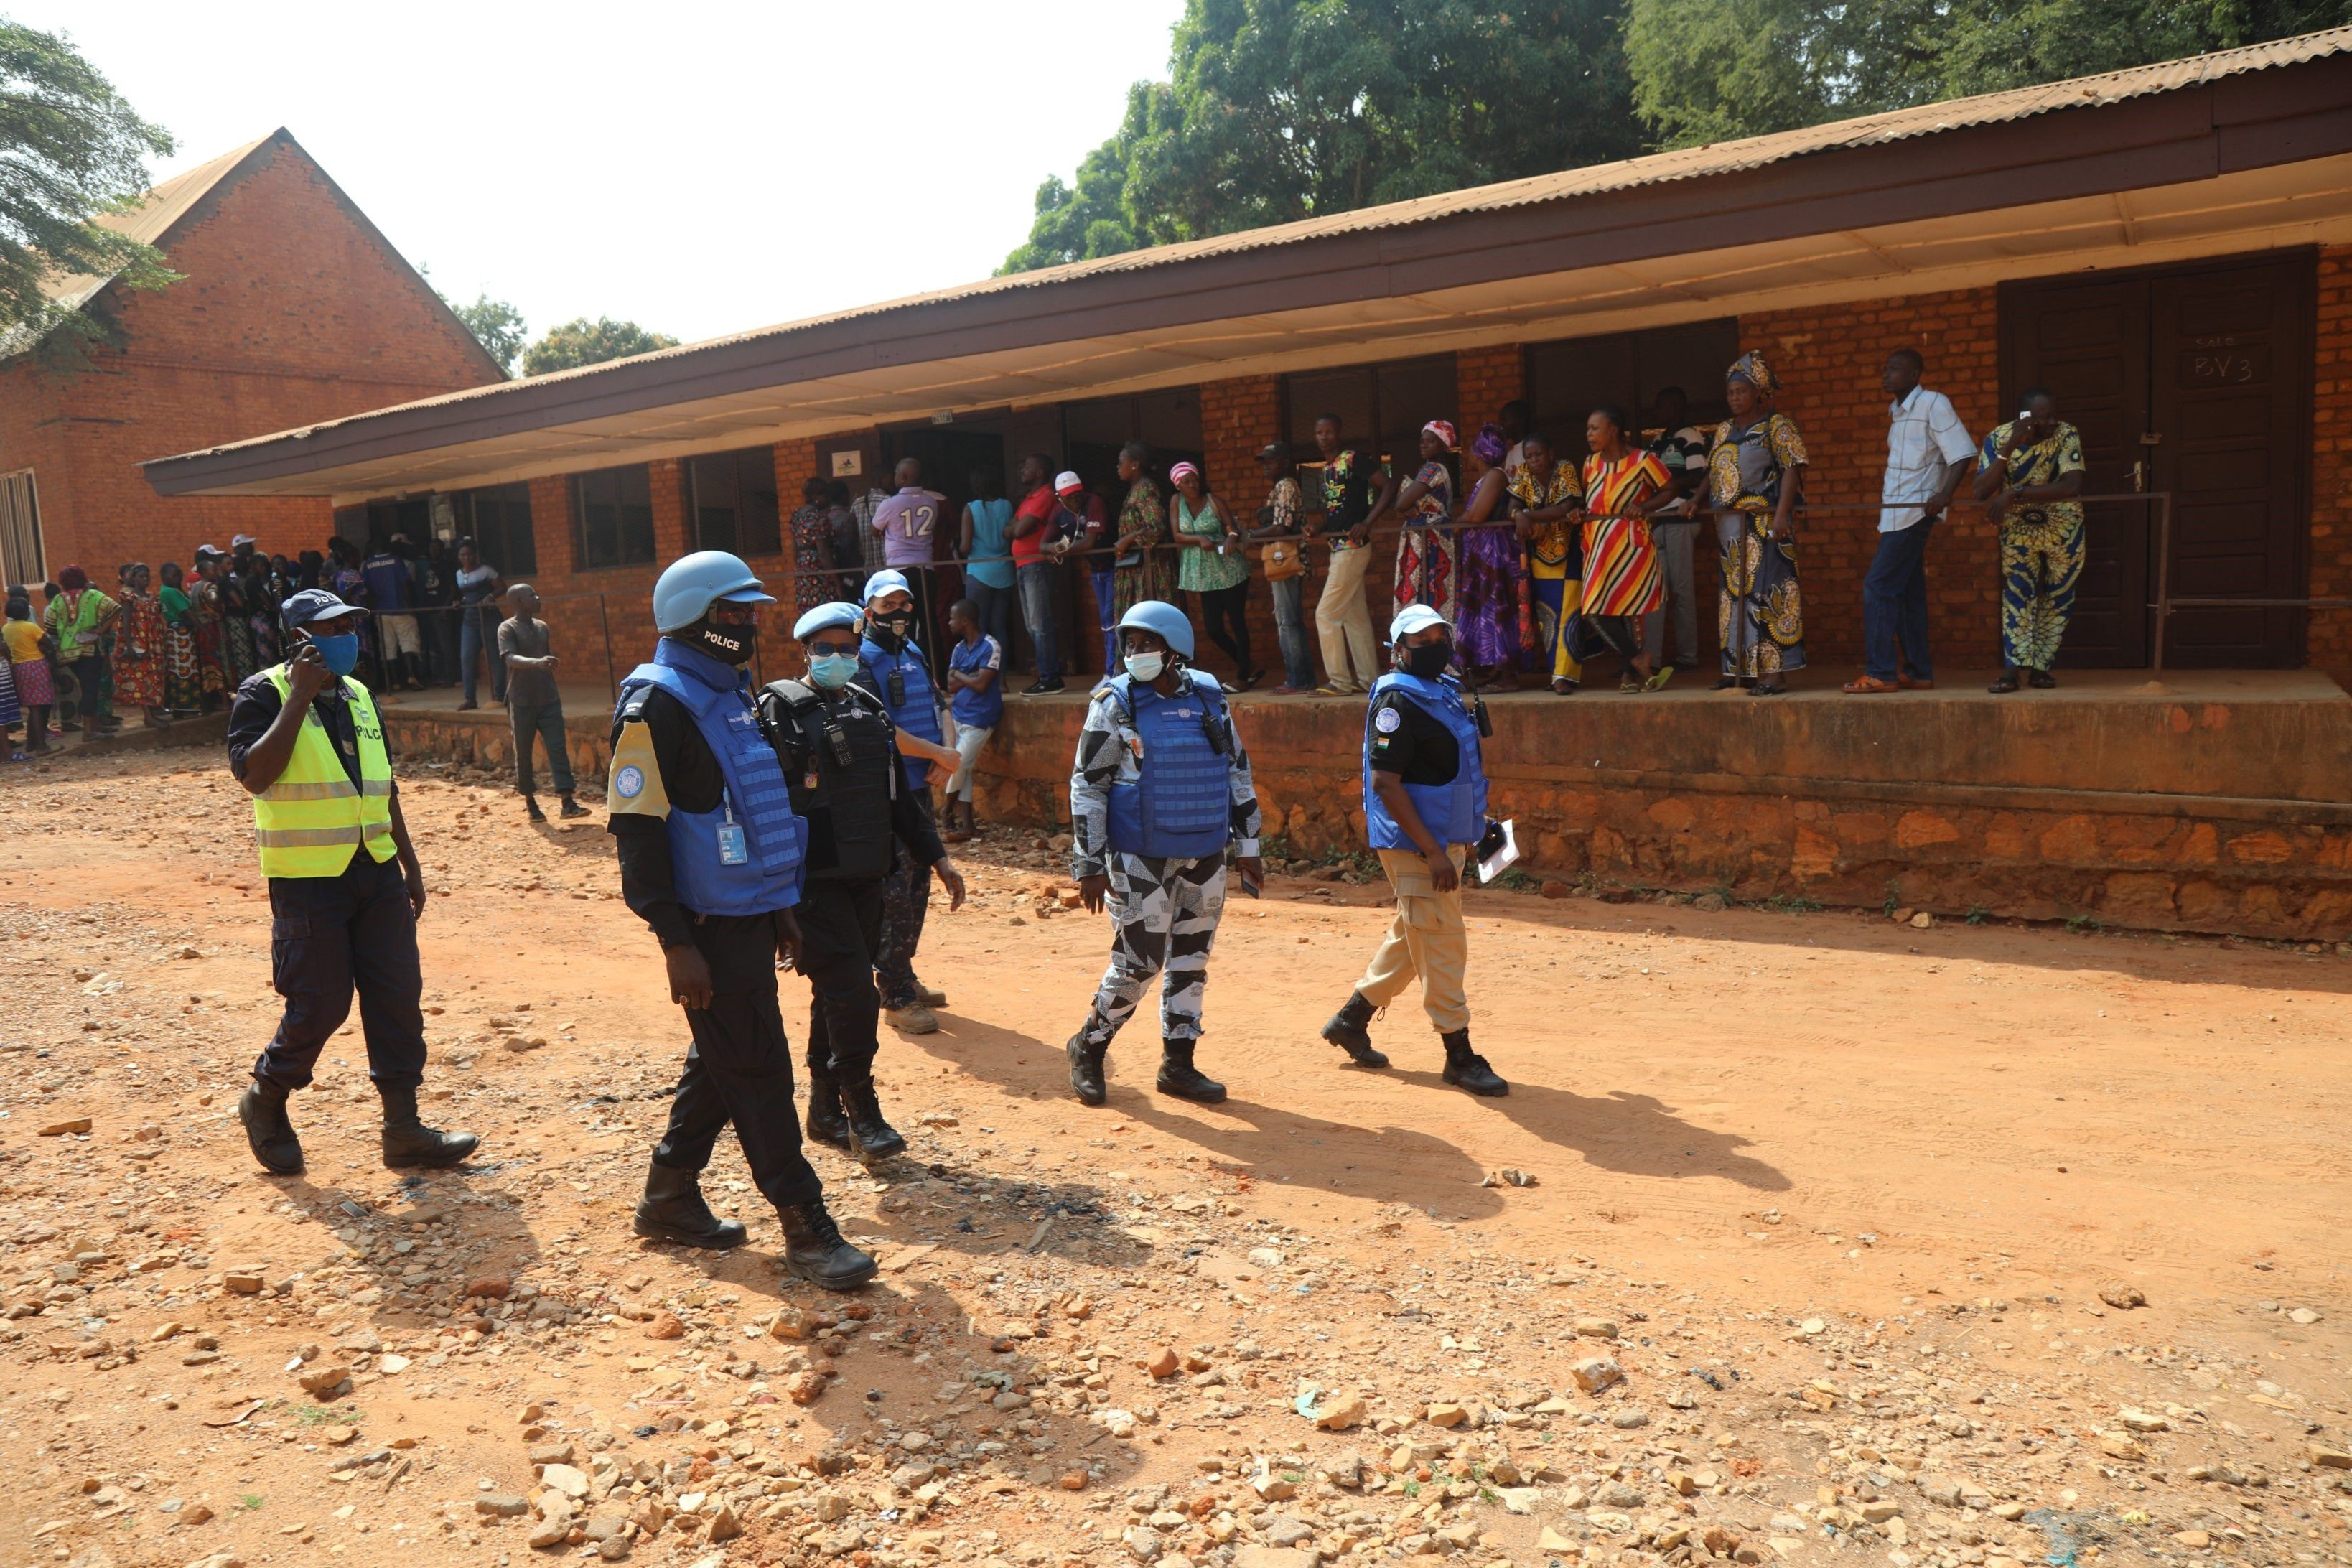 """27/12/2020 AMP.- R.Centroafricana.- El presidente de RCA decreta el estado de emergencia durante 15 días ante la ofensiva rebelde.  La MINUSCA acusa a los rebeldes de """"intentar asfixiar"""" Bangui mientras la OCHA expresa su preocupación y tilda los ataques de """"inaceptables""""  POLITICA AFRICA REPÚBLICA CENTROAFRICANA MINUSCA"""